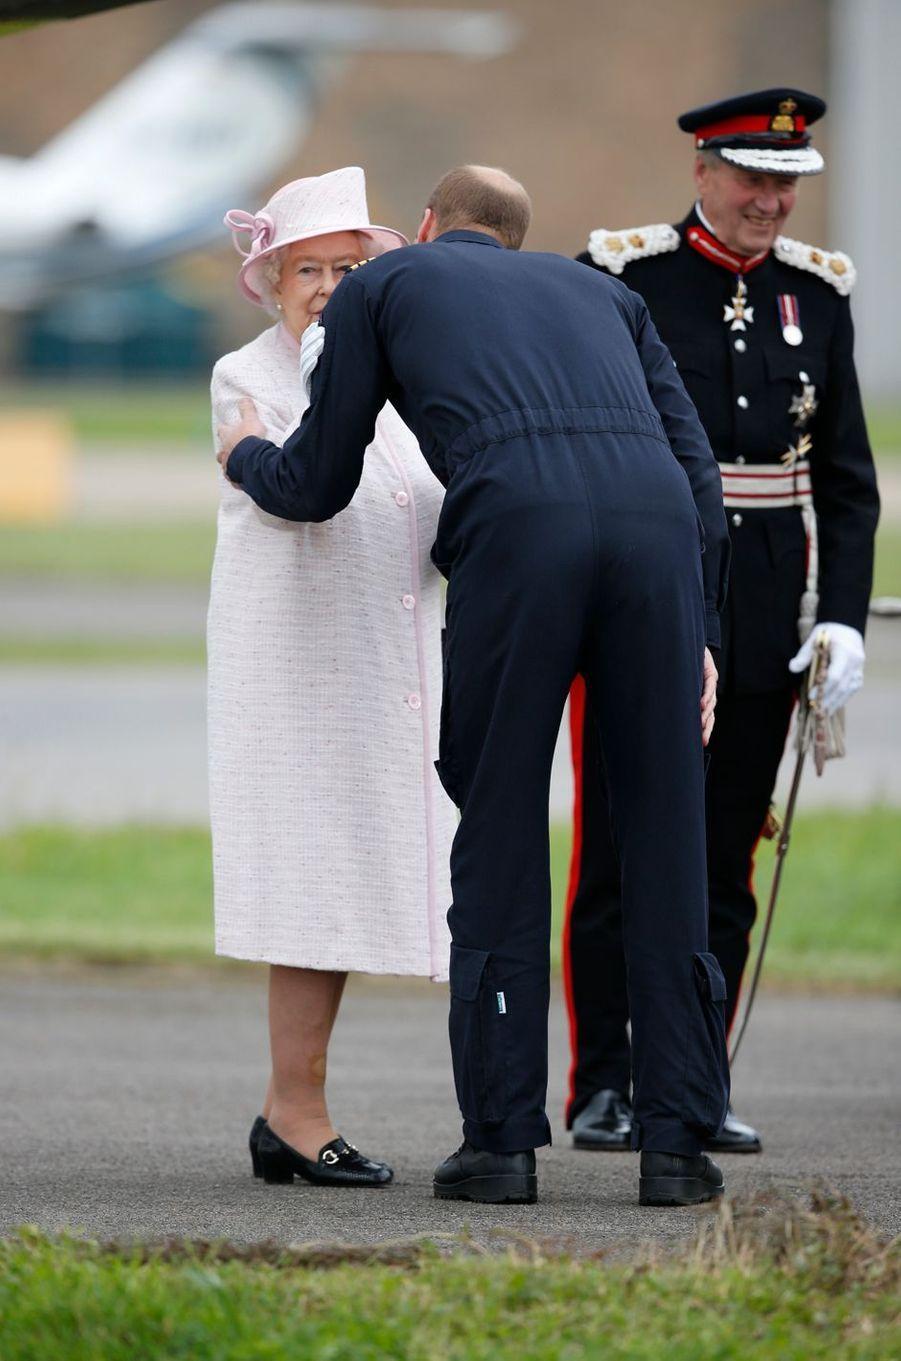 La reine Elizabeth II avec son petit-fils le prince William à Cambridge, le 13 juillet 2016